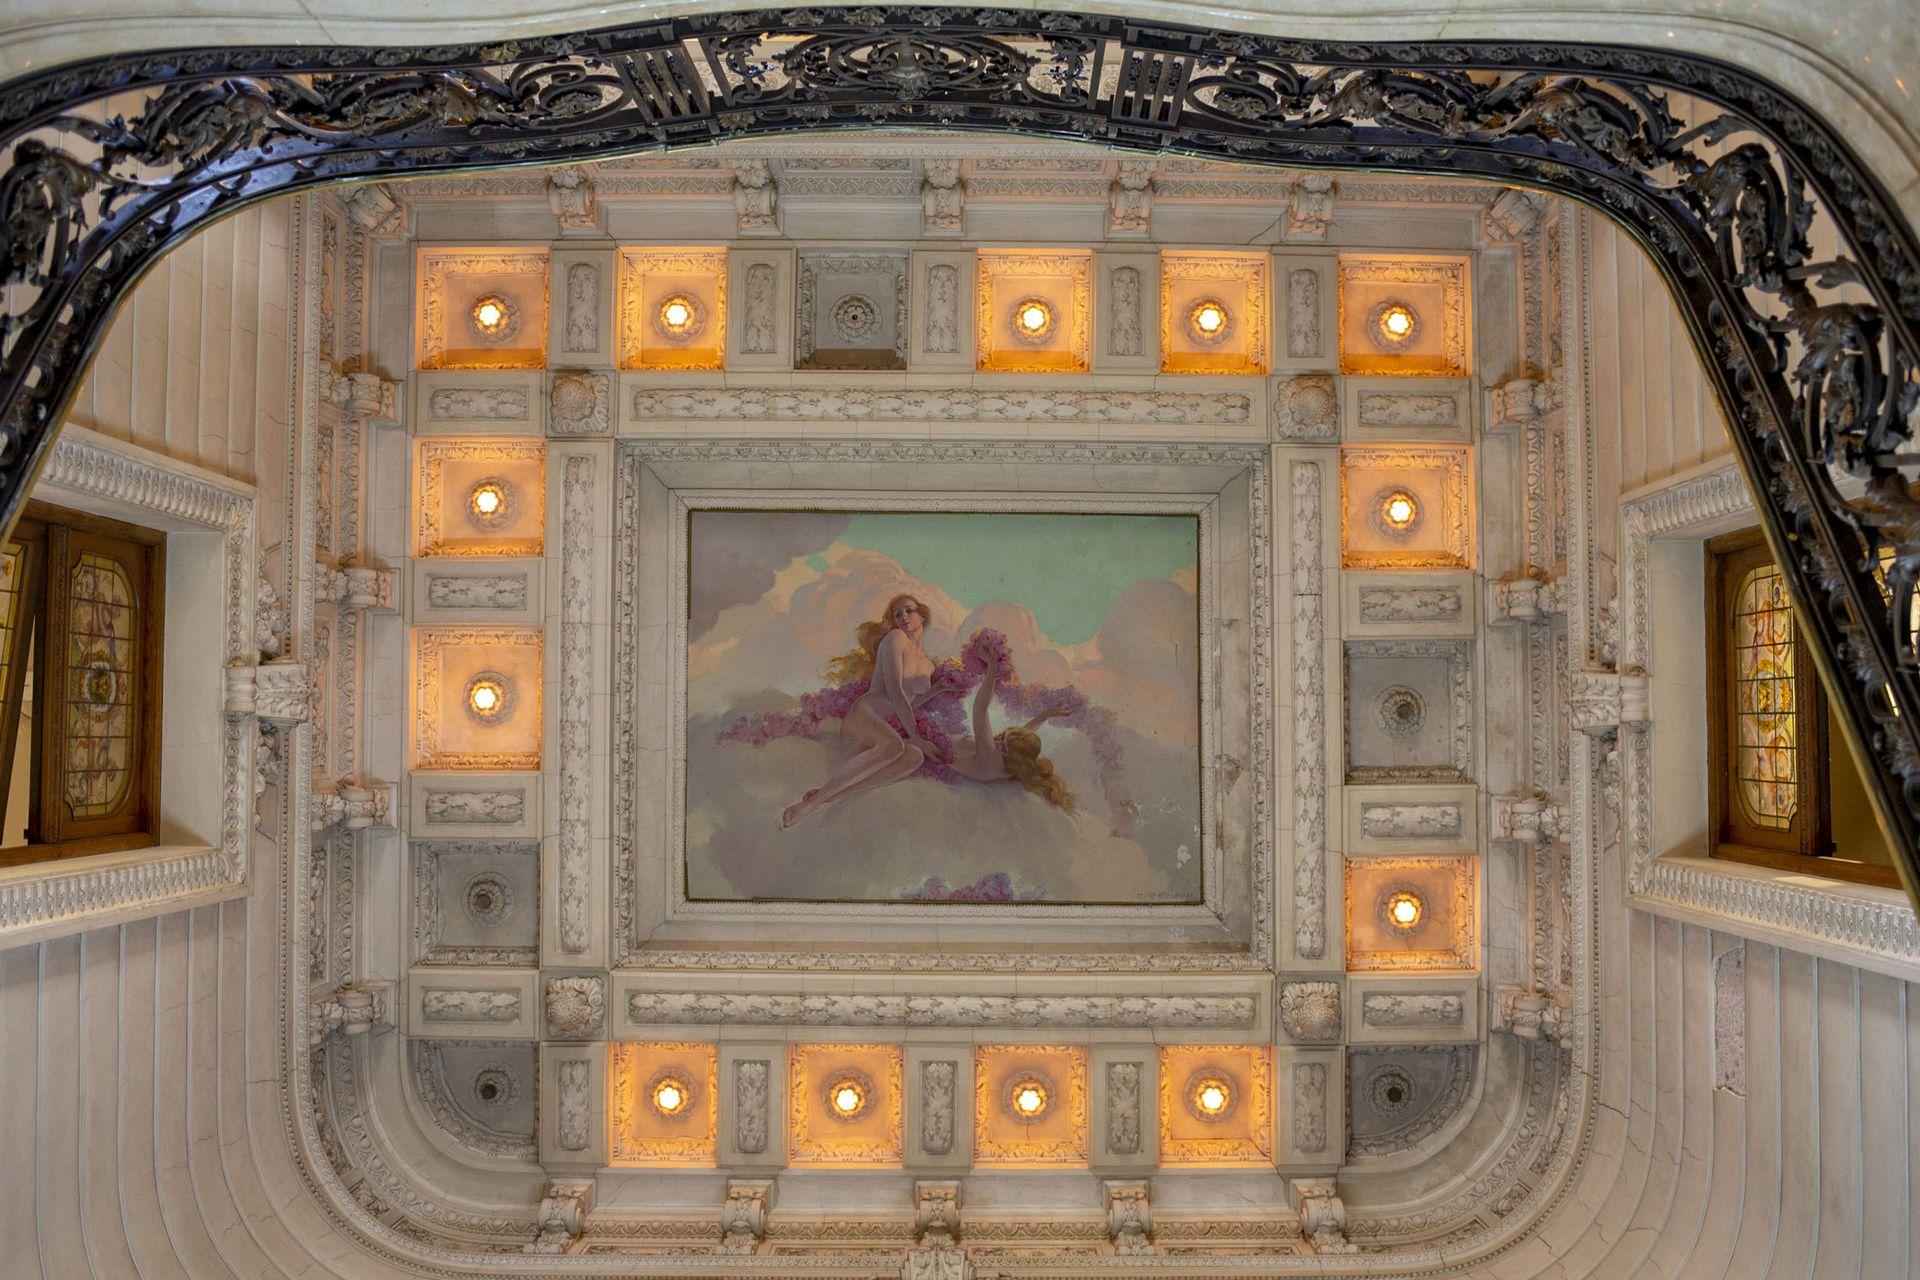 Los techos de la mansión cuentan con obras de arte originales realizadas por reconocidos artistas